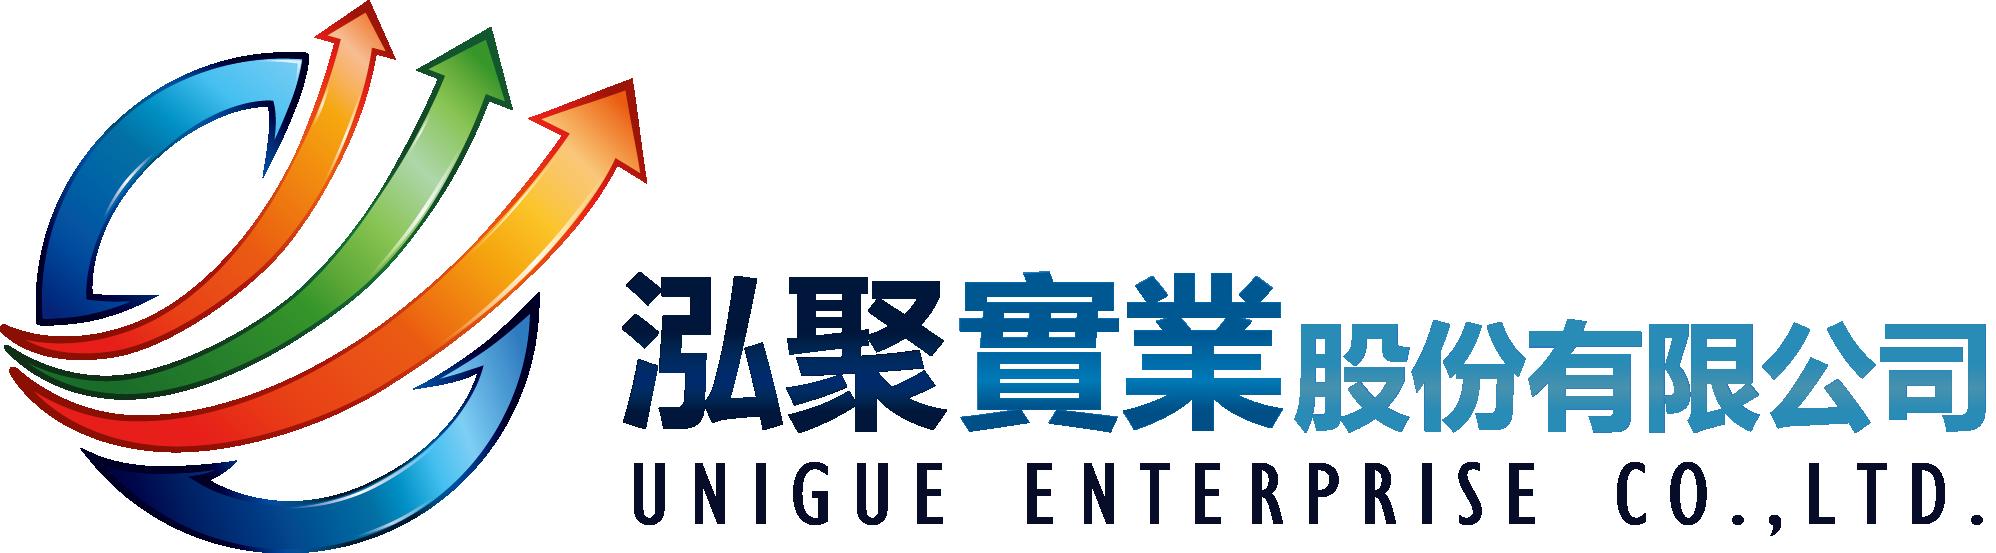 泓聚實業股份有限公司